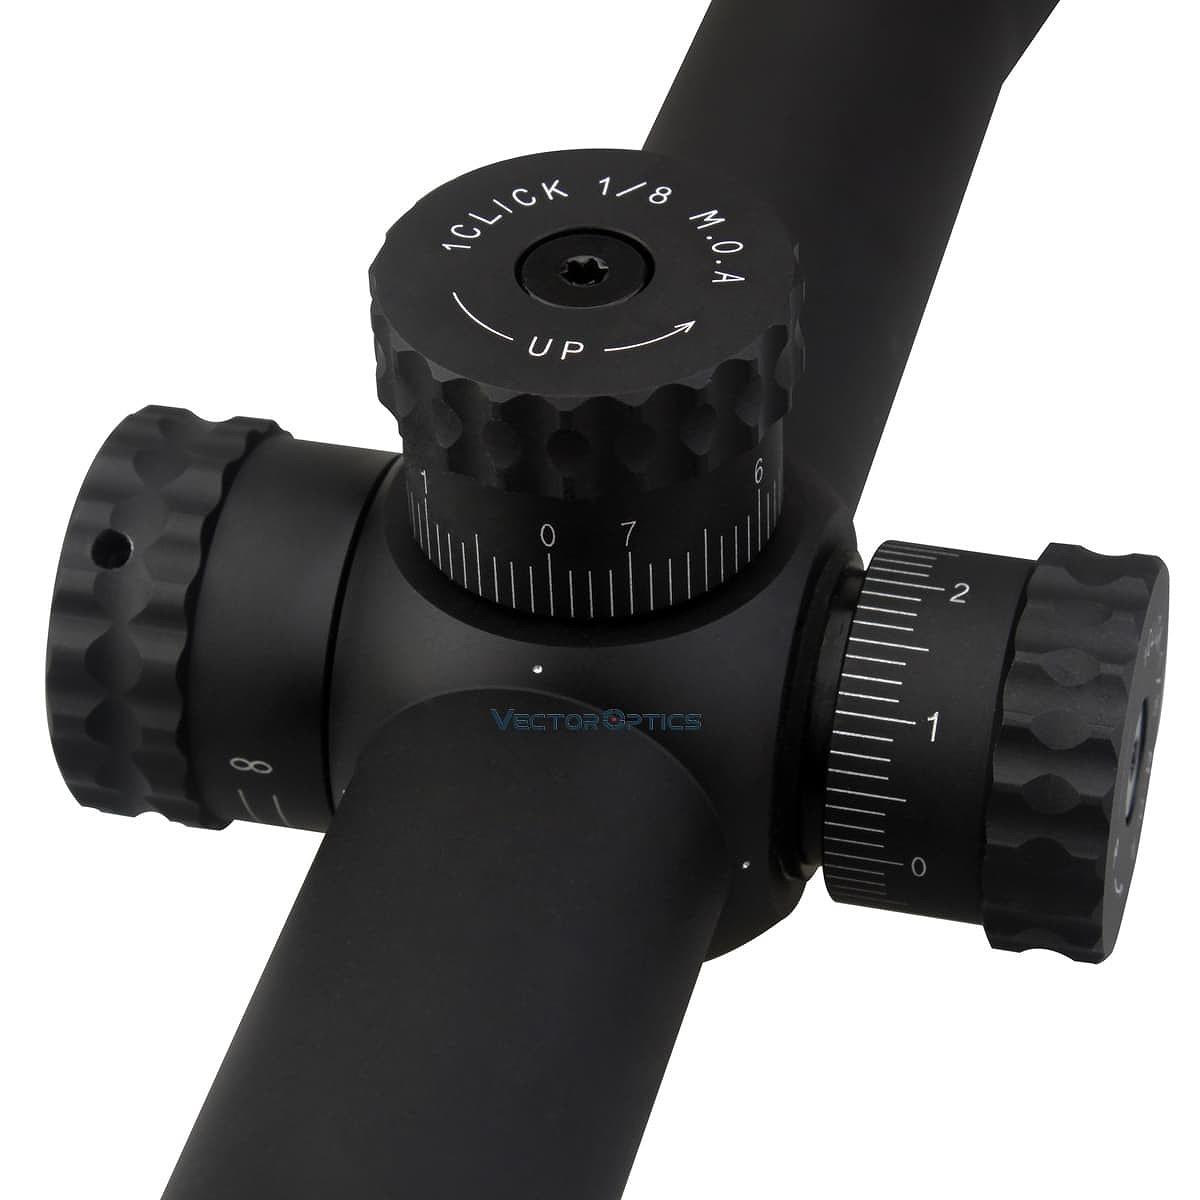 【お届け予定日: 5月30日】ベクターオプティクス ライフルスコープ Sentinel 8-32x50 GenII  Vector Optics SCOL-05